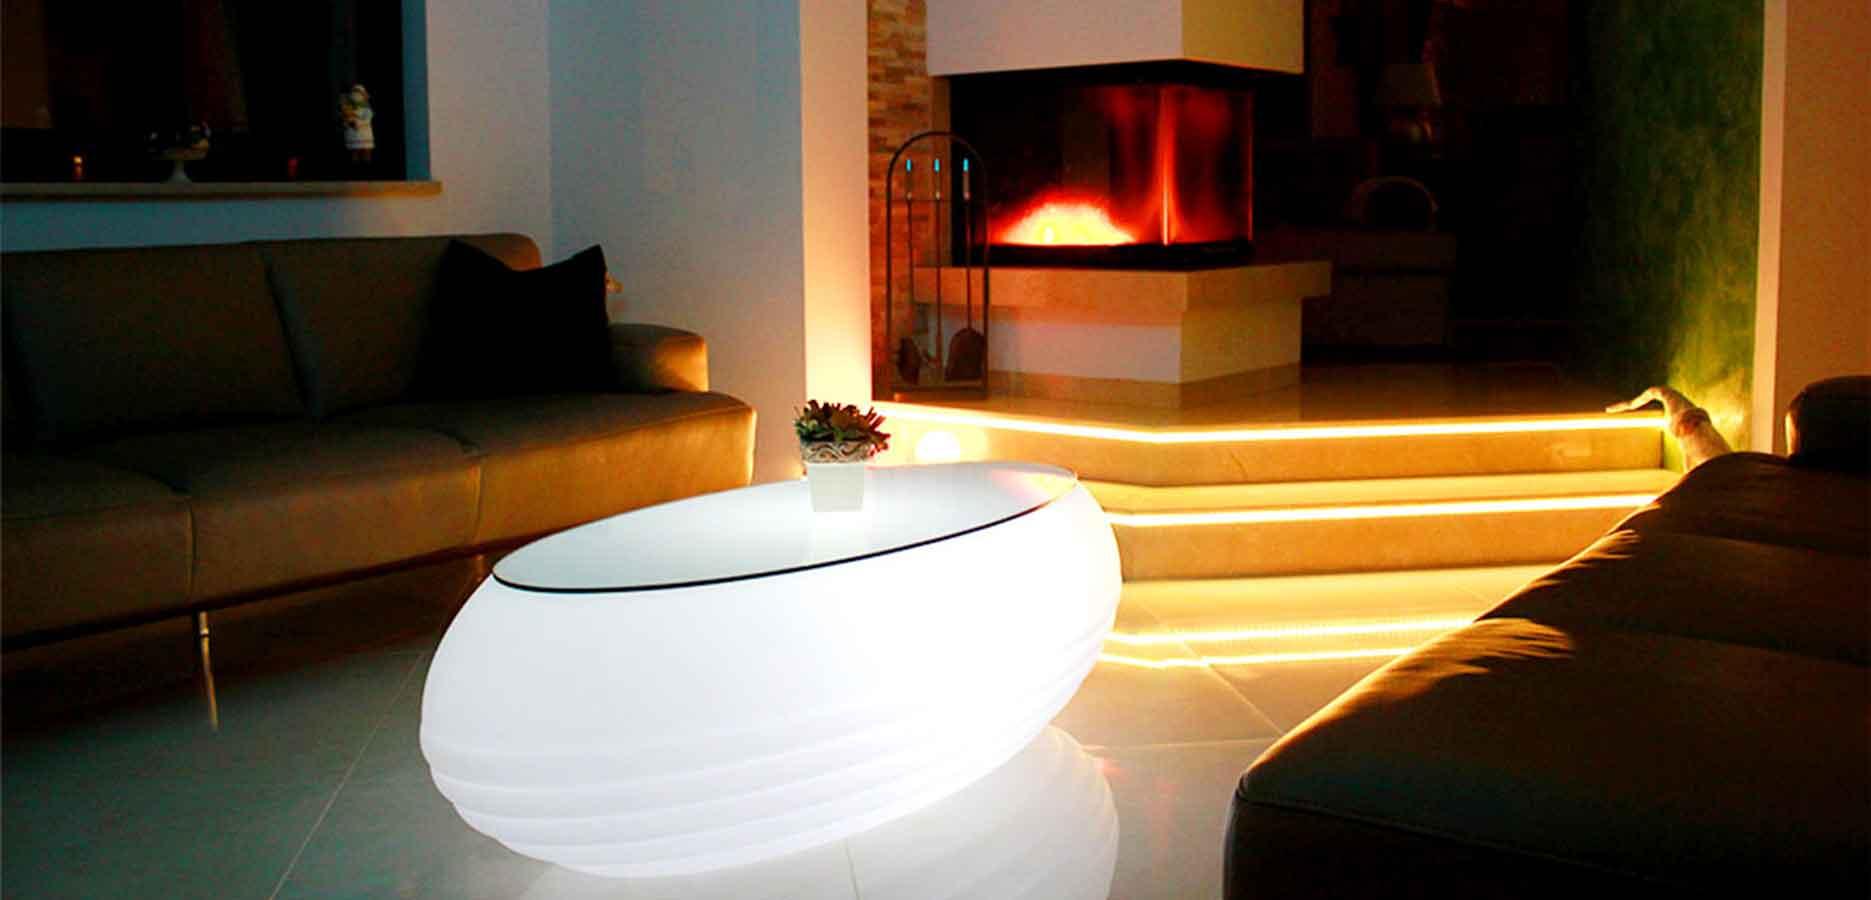 Sorge für Stimmung mit leuchtenden <br> Couchtischen und Stehlampen in <br> deinen Wohnzimmer Ambiente.